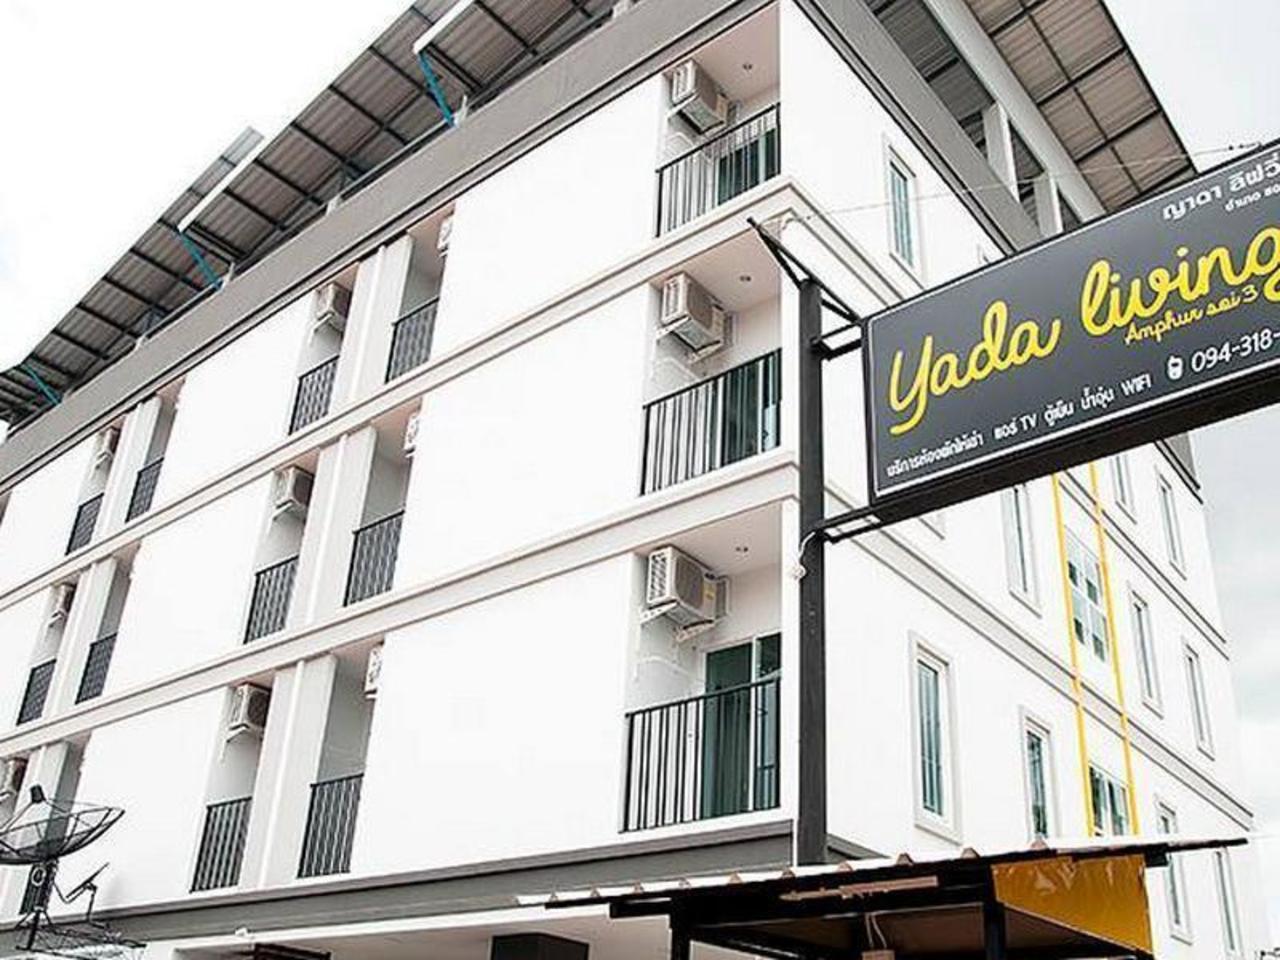 ญาดา ลิฟวิง โฮเต็ล (Yada Living Hotel)